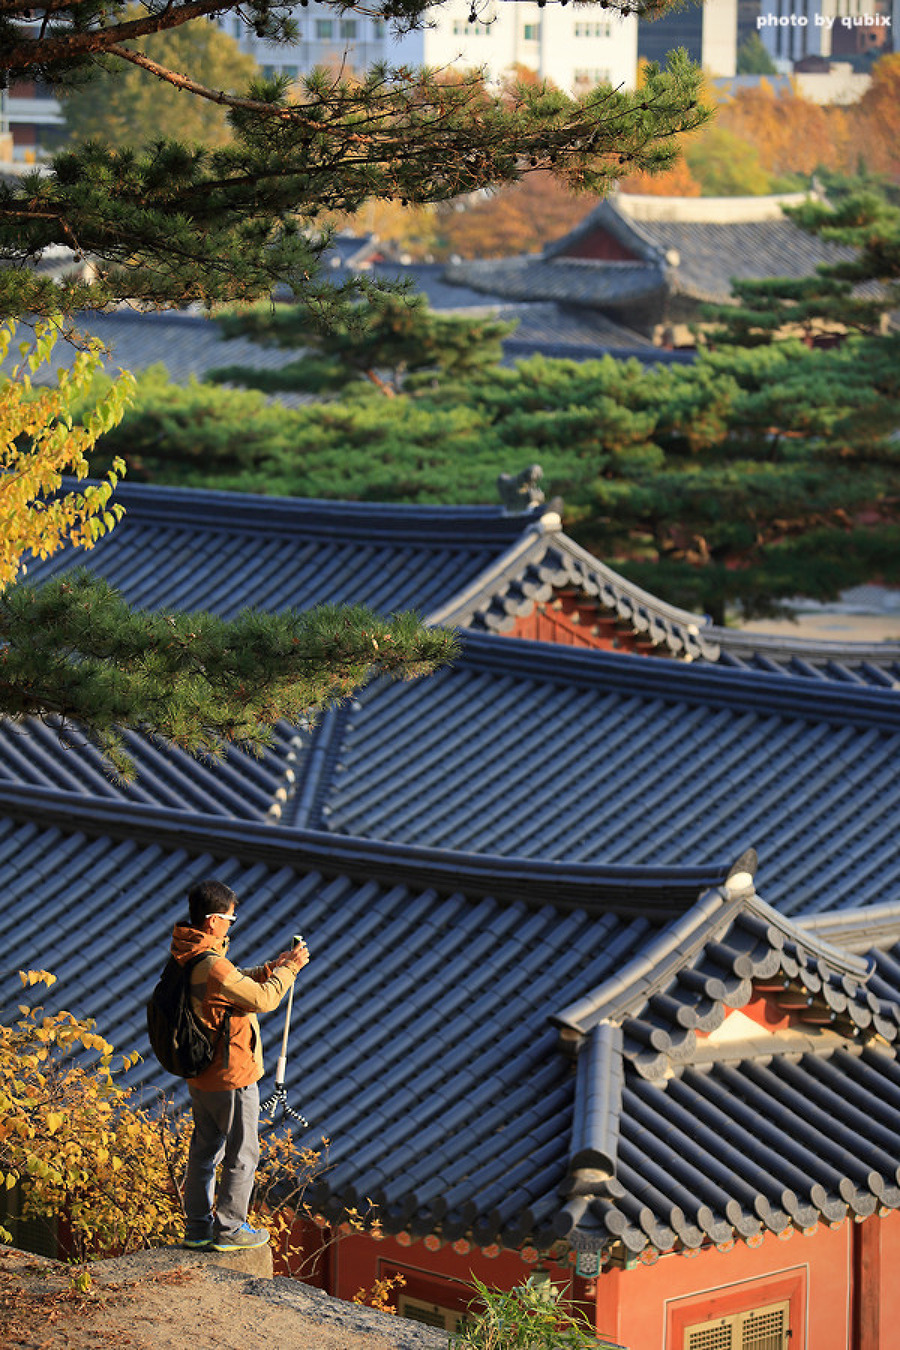 지난 가을의 창덕궁 | 서울 가볼만한곳, 단풍명소